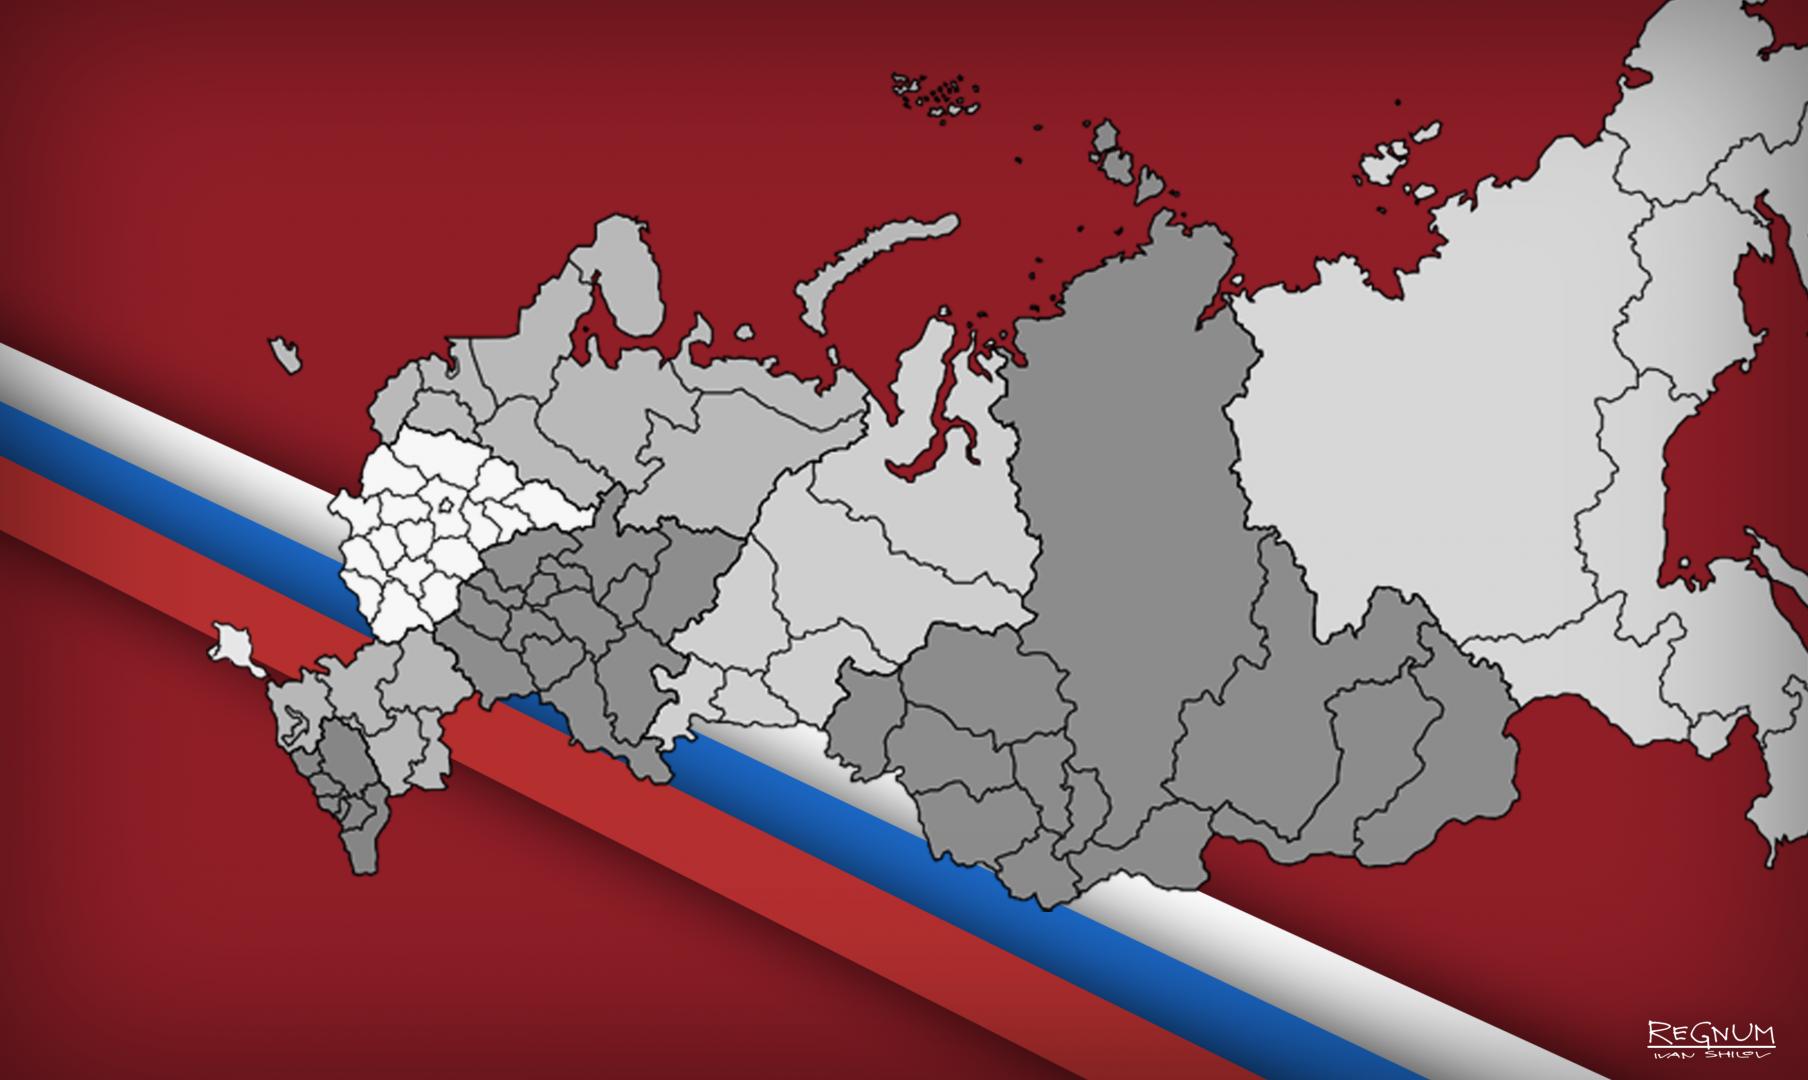 Путин подписал закон, приравнивающий отчуждение территории к экстремизму